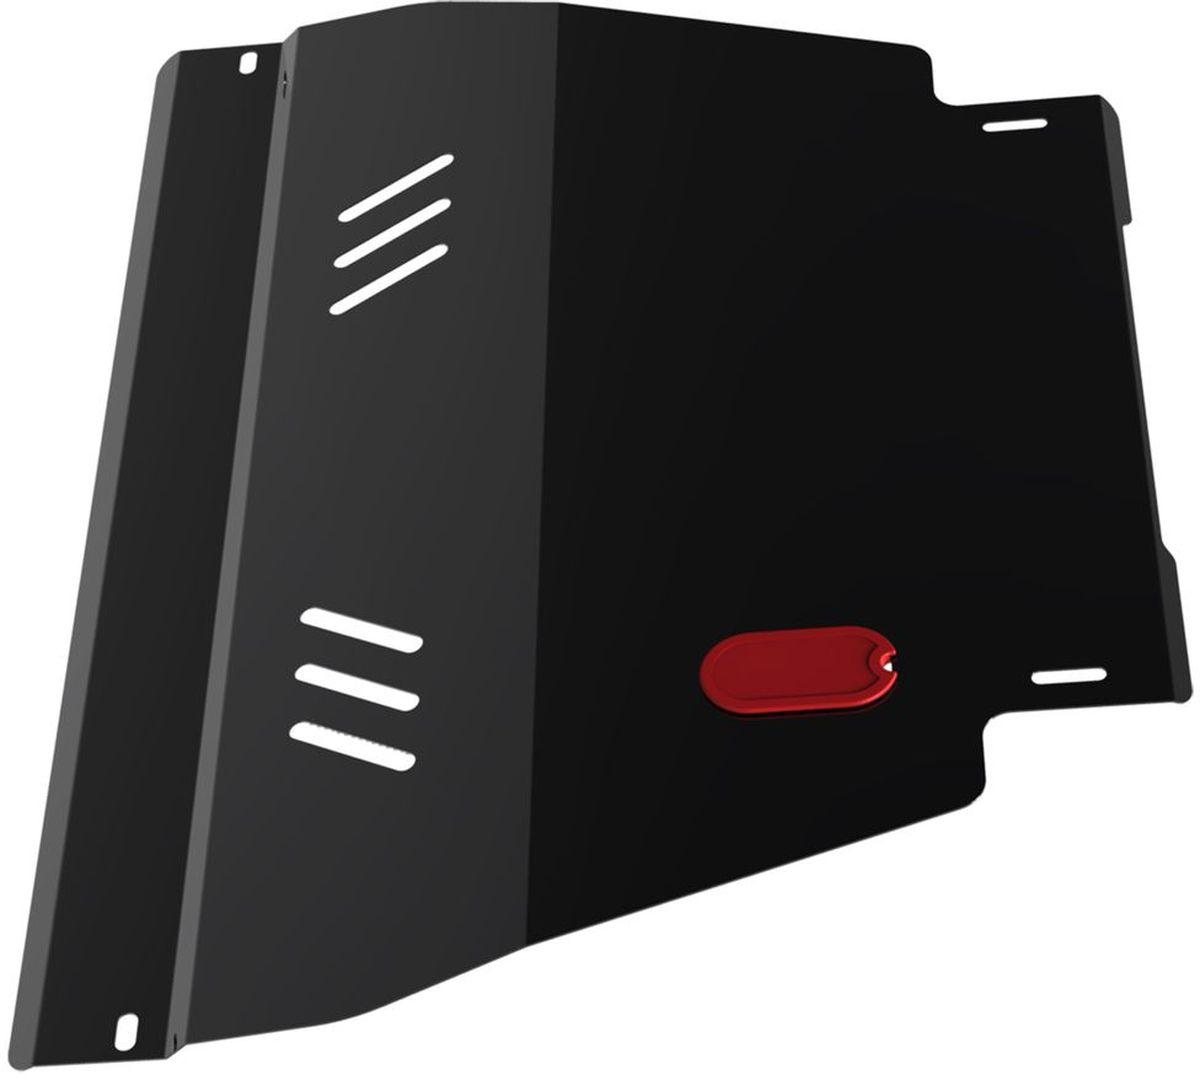 Защита картера и КПП Автоброня, для Nissan Ad Van/Almera N15/Primera P11/Sunny B14/Wingroad. 111.04129.180462Технологически совершенный продукт за невысокую стоимость.Защита разработана с учетом особенностей днища автомобиля, что позволяет сохранить дорожный просвет с минимальным изменением.Защита устанавливается в штатные места кузова автомобиля. Глубокий штамп обеспечивает до двух раз больше жесткости в сравнении с обычной защитой той же толщины. Проштампованные ребра жесткости препятствуют деформации защиты при ударах.Тепловой зазор и вентиляционные отверстия обеспечивают сохранение температурного режима двигателя в норме. Скрытый крепеж предотвращает срыв крепежных элементов при наезде на препятствие.Шумопоглощающие резиновые элементы обеспечивают комфортную езду без вибраций и скрежета металла, а съемные лючки для слива масла и замены фильтра - экономию средств и время.Конструкция изделия не влияет на пассивную безопасность автомобиля (при ударе защита не воздействует на деформационные зоны кузова). Со штатным крепежом. В комплекте инструкция по установке.Толщина стали: 2 мм.